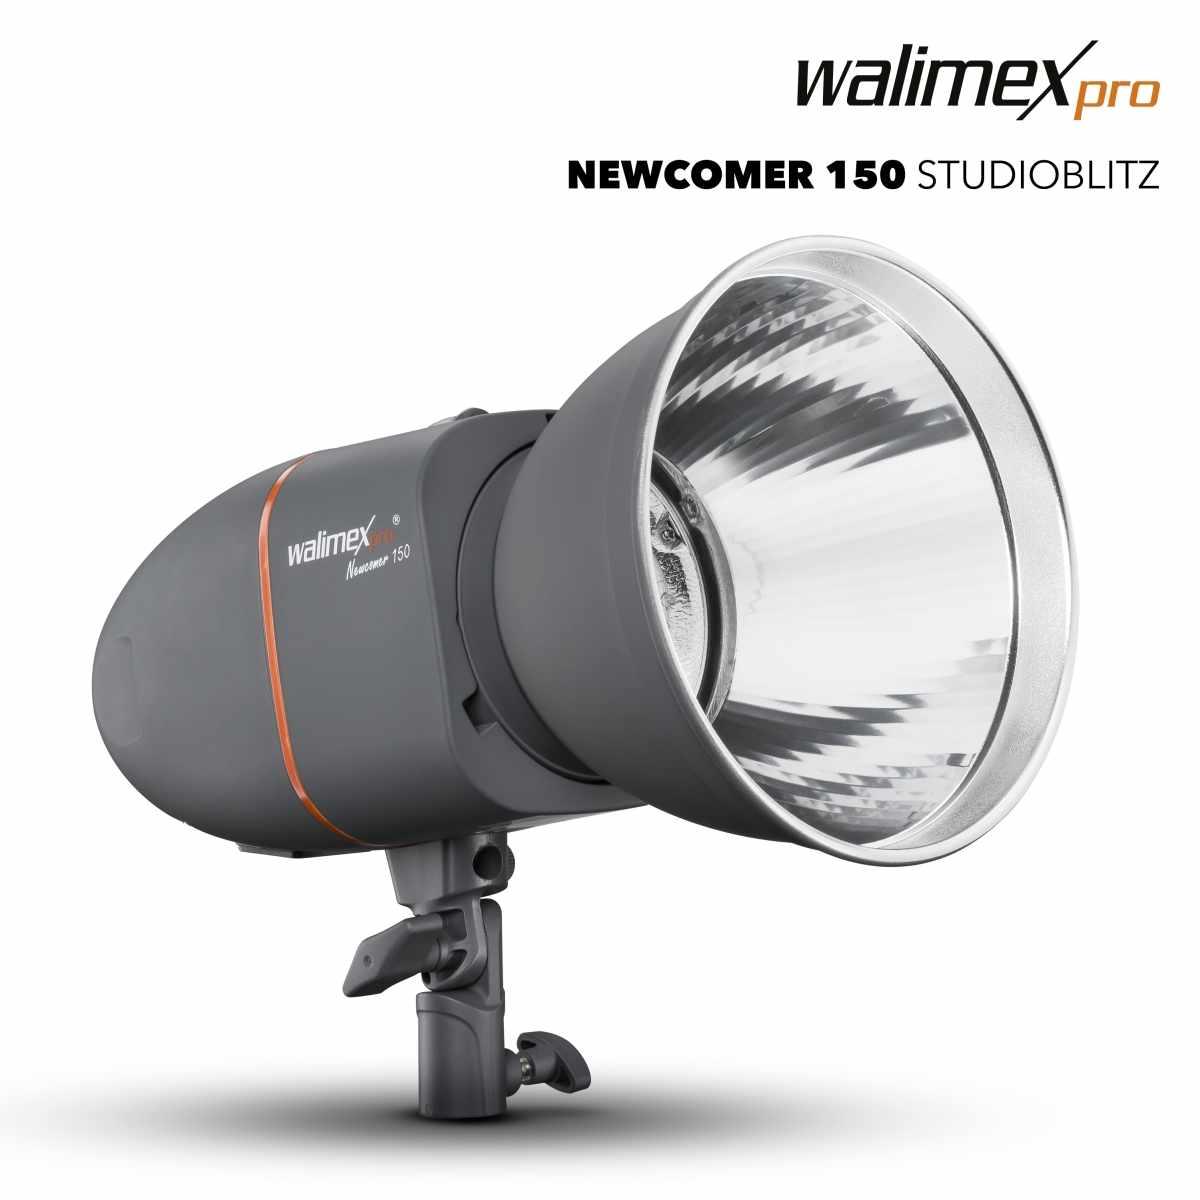 Walimex pro Newcomer 150